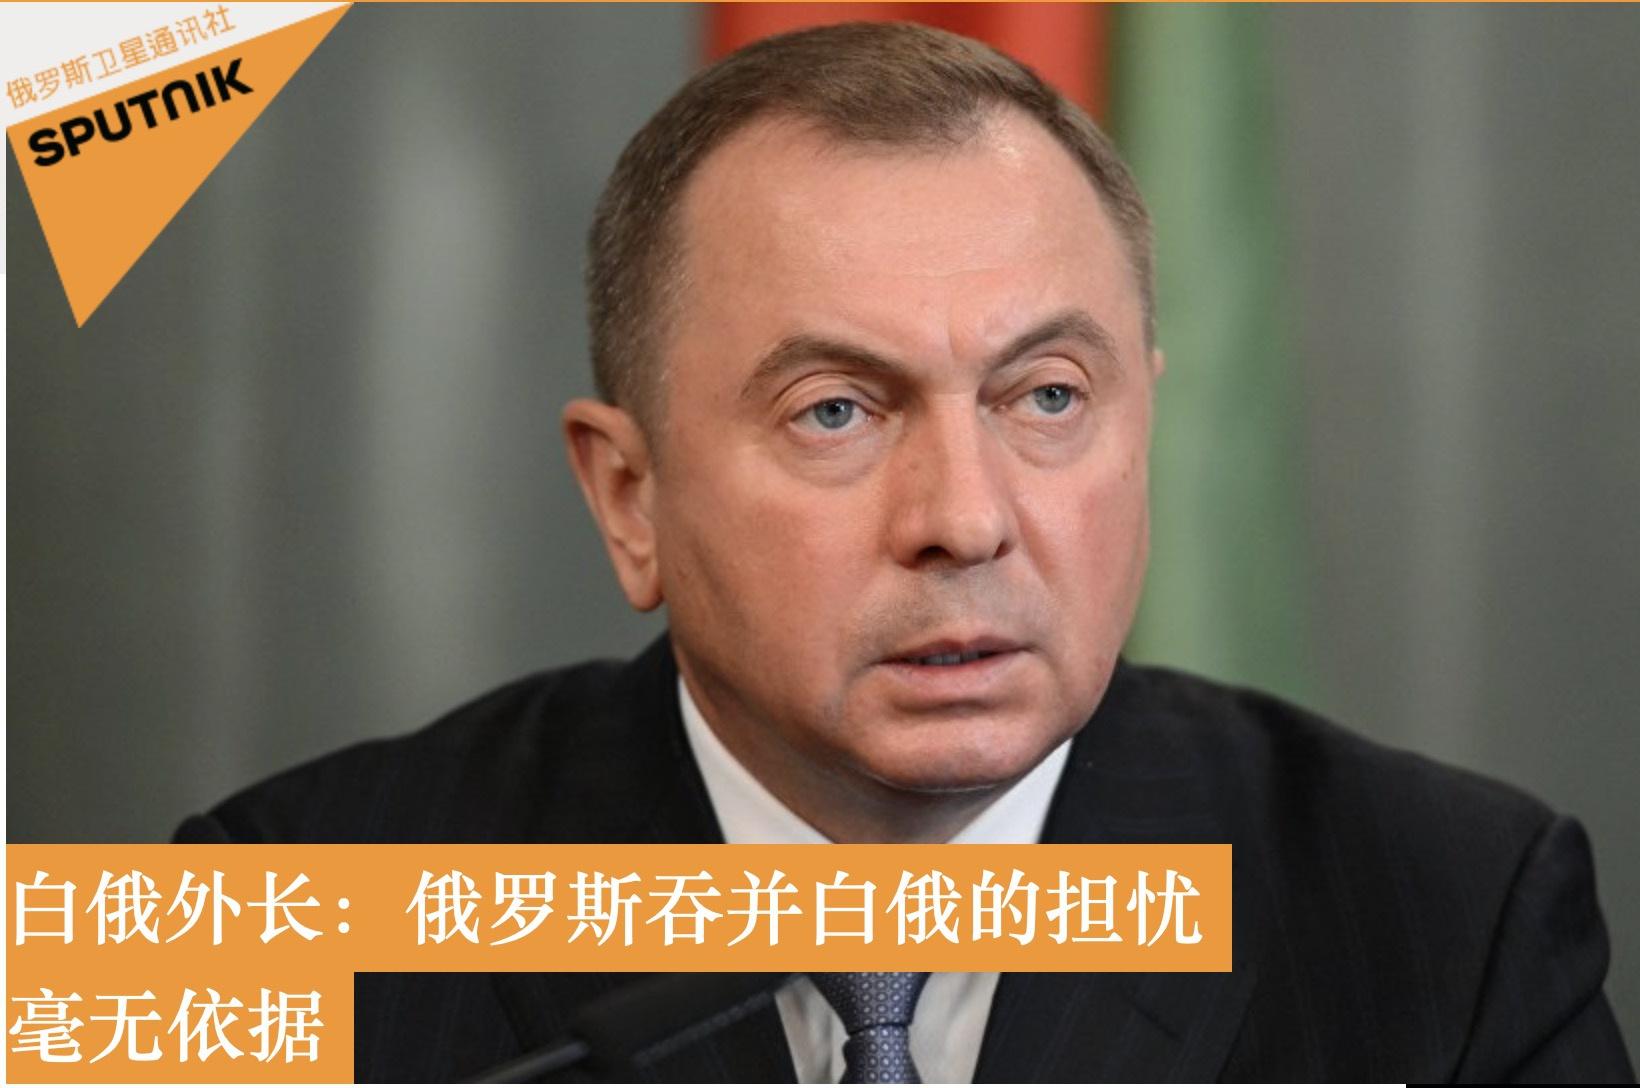 白俄罗斯可能被俄罗斯吞并?白俄罗斯外长:毫无依据